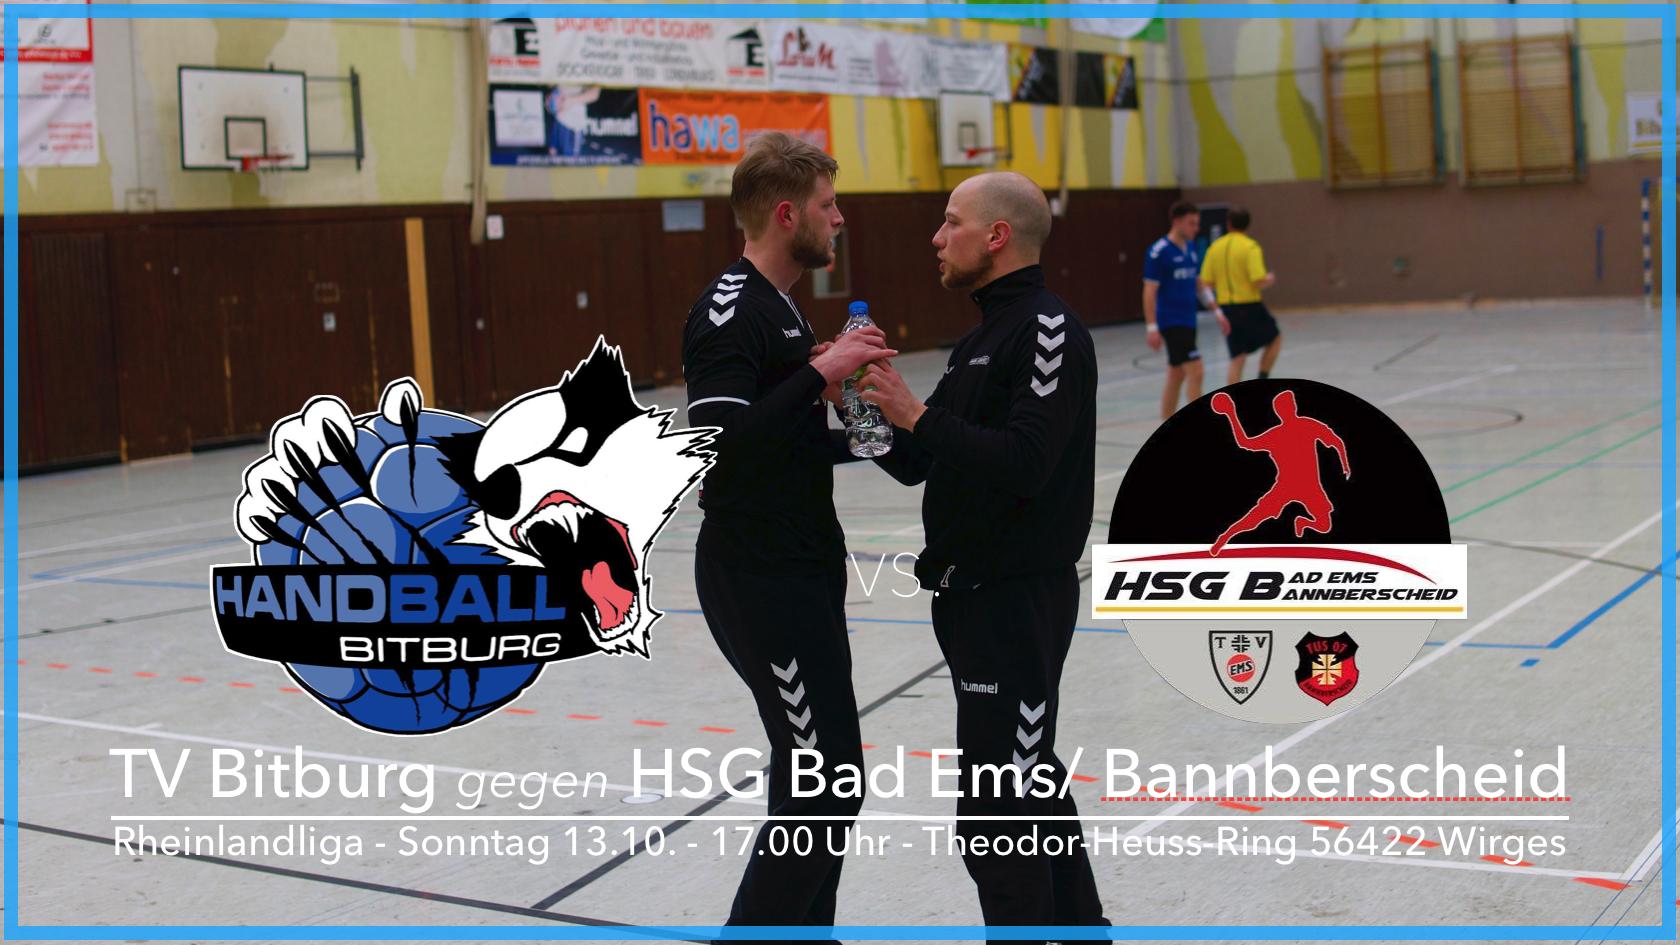 1. Herren Mannschaft trifft auf die HSG Bad Ems/Bannberscheid und unseren alten Torhüter